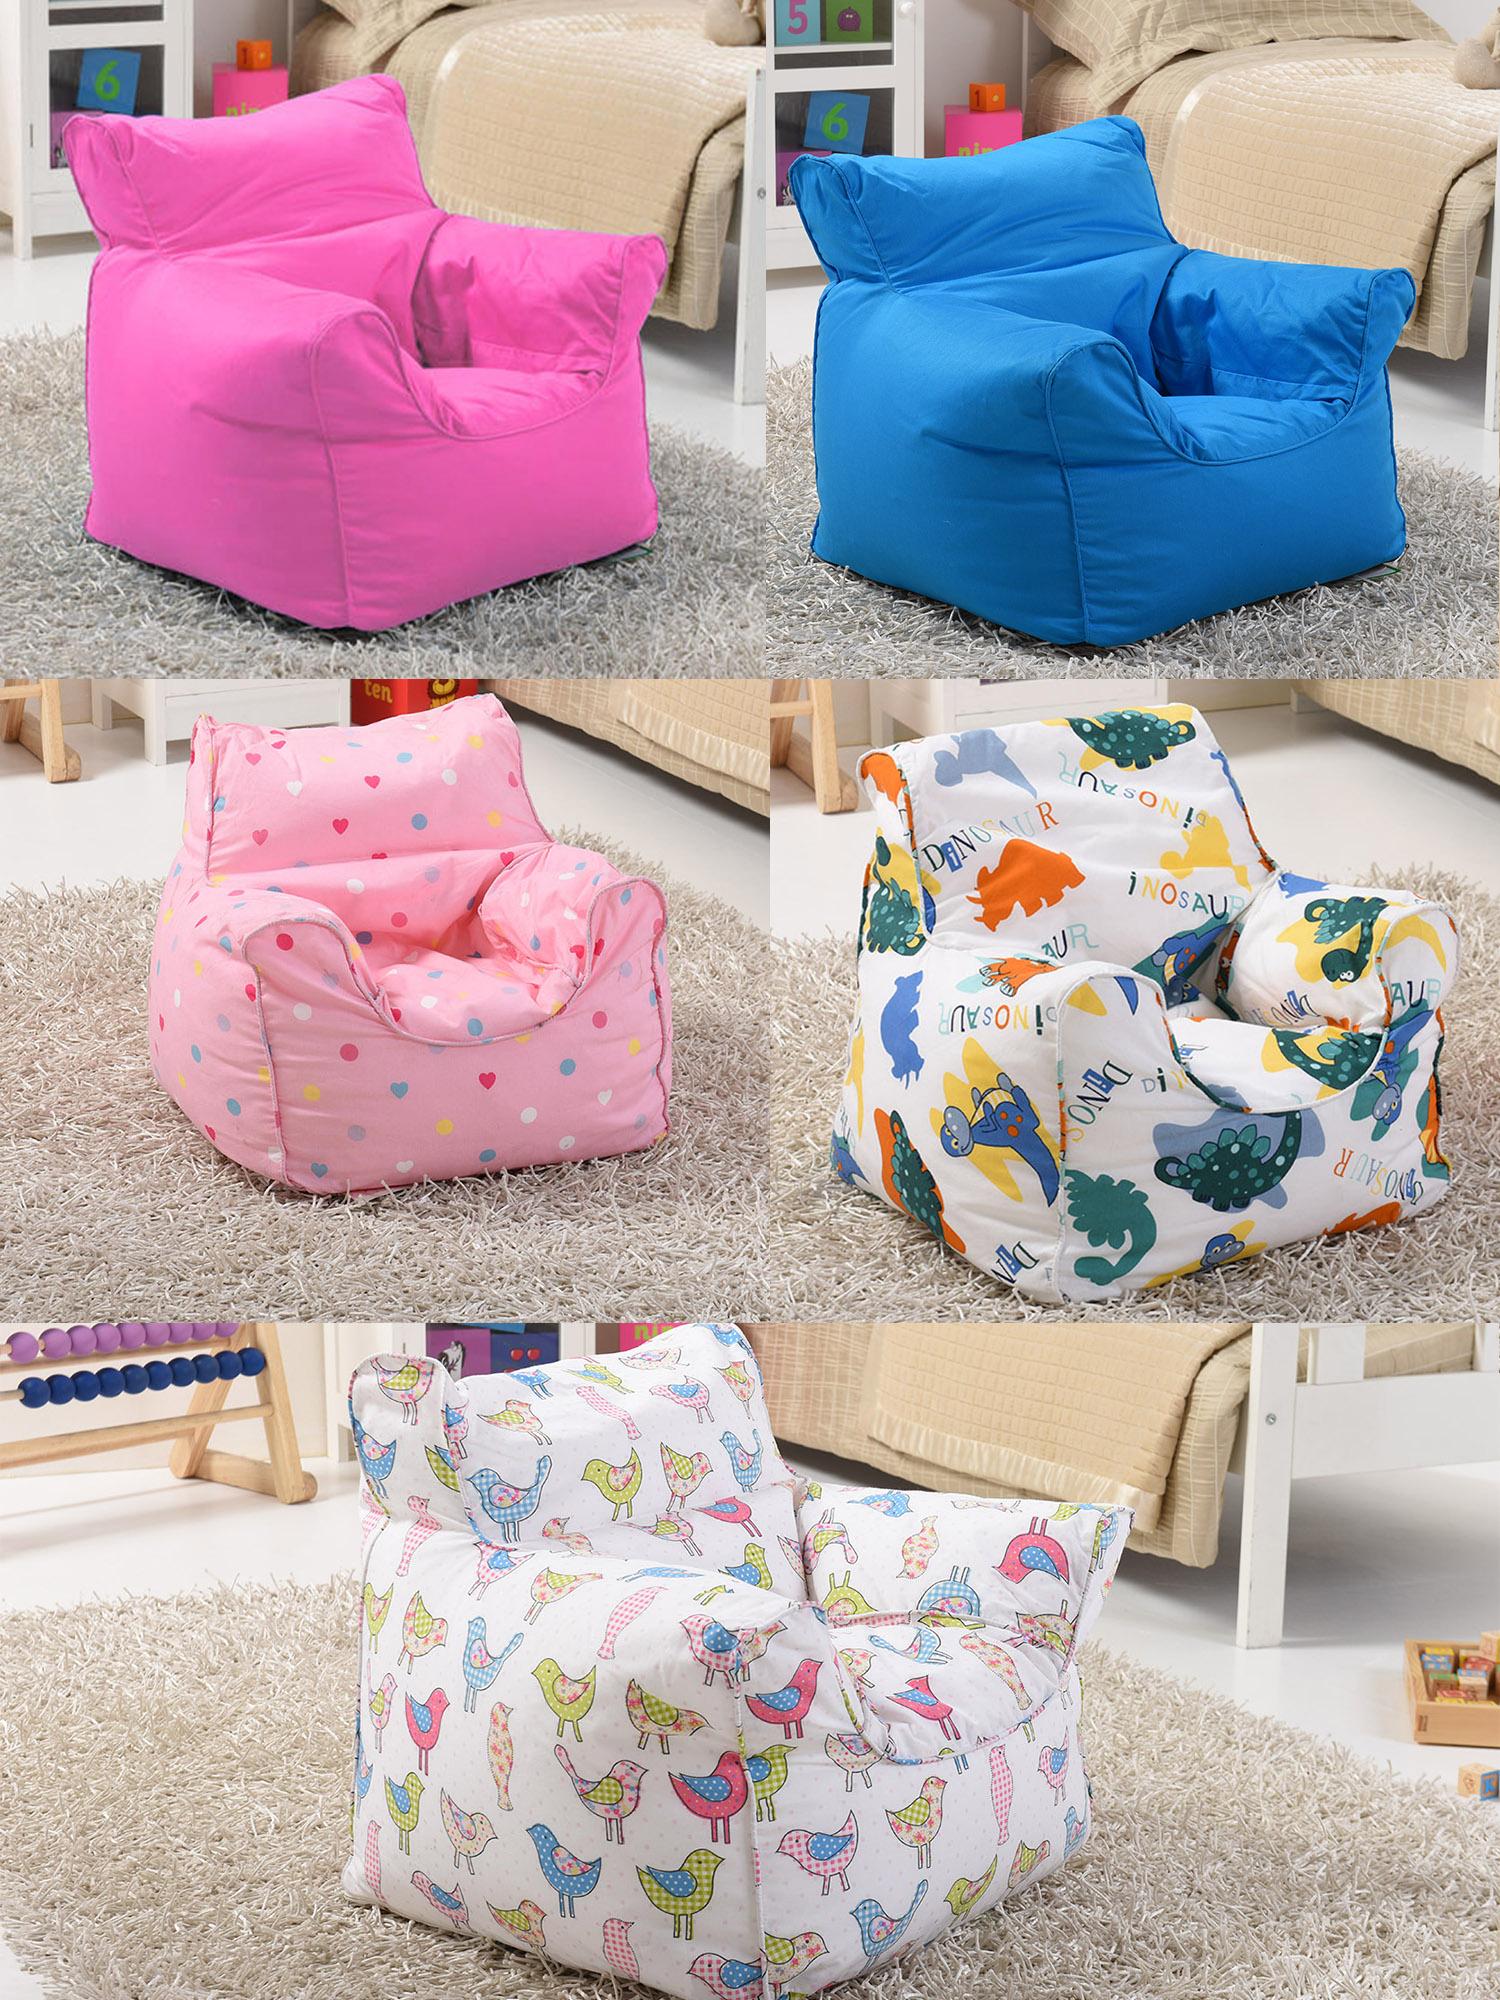 Kids Mini Bean Bags Chairs